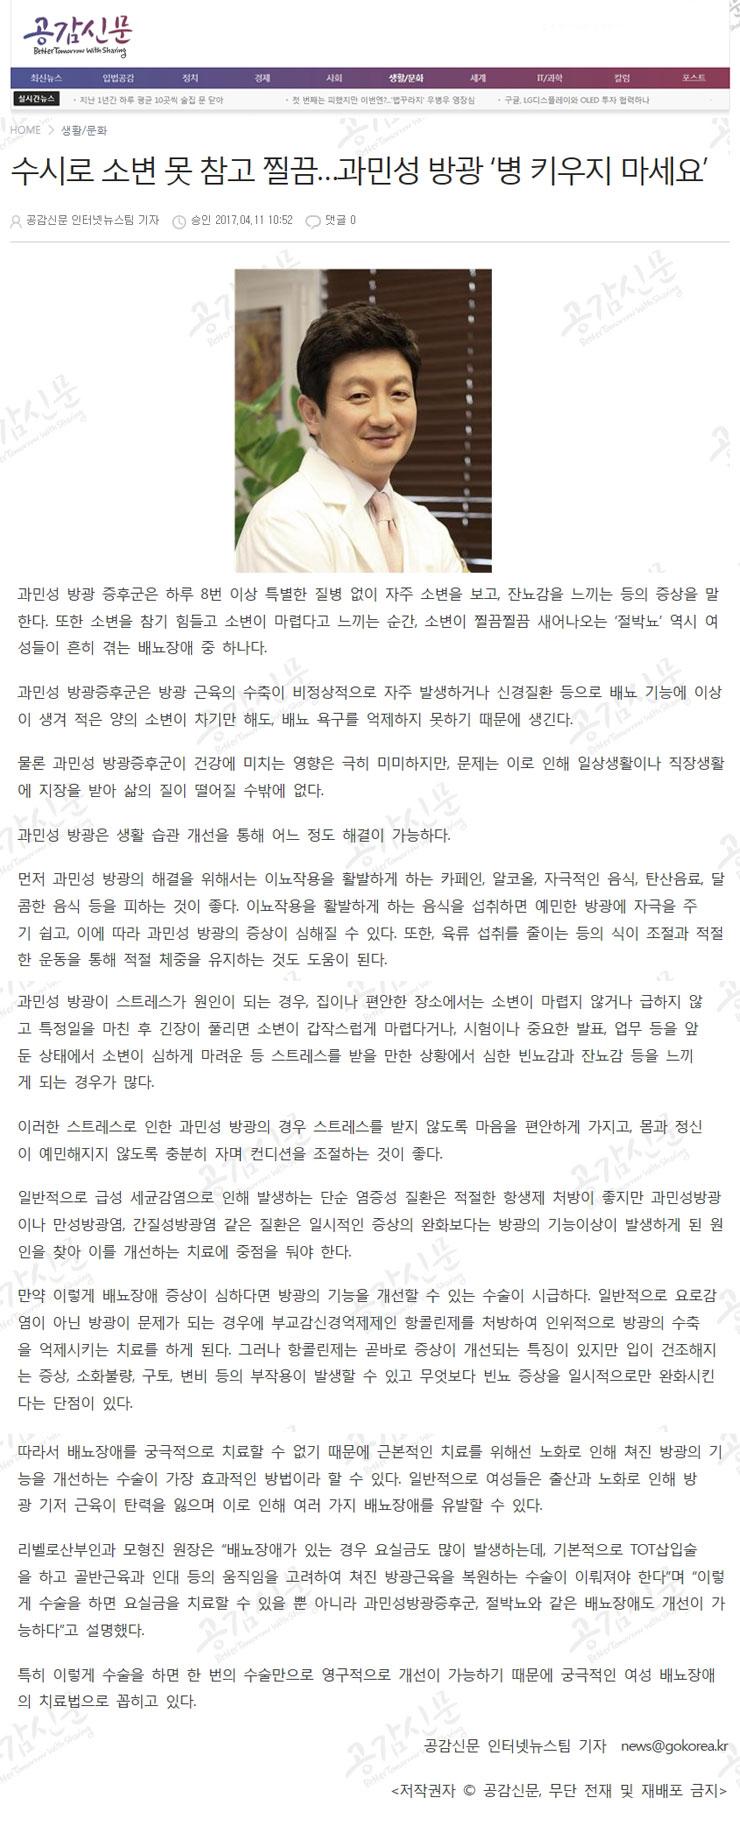 공감신문-20170411.jpg